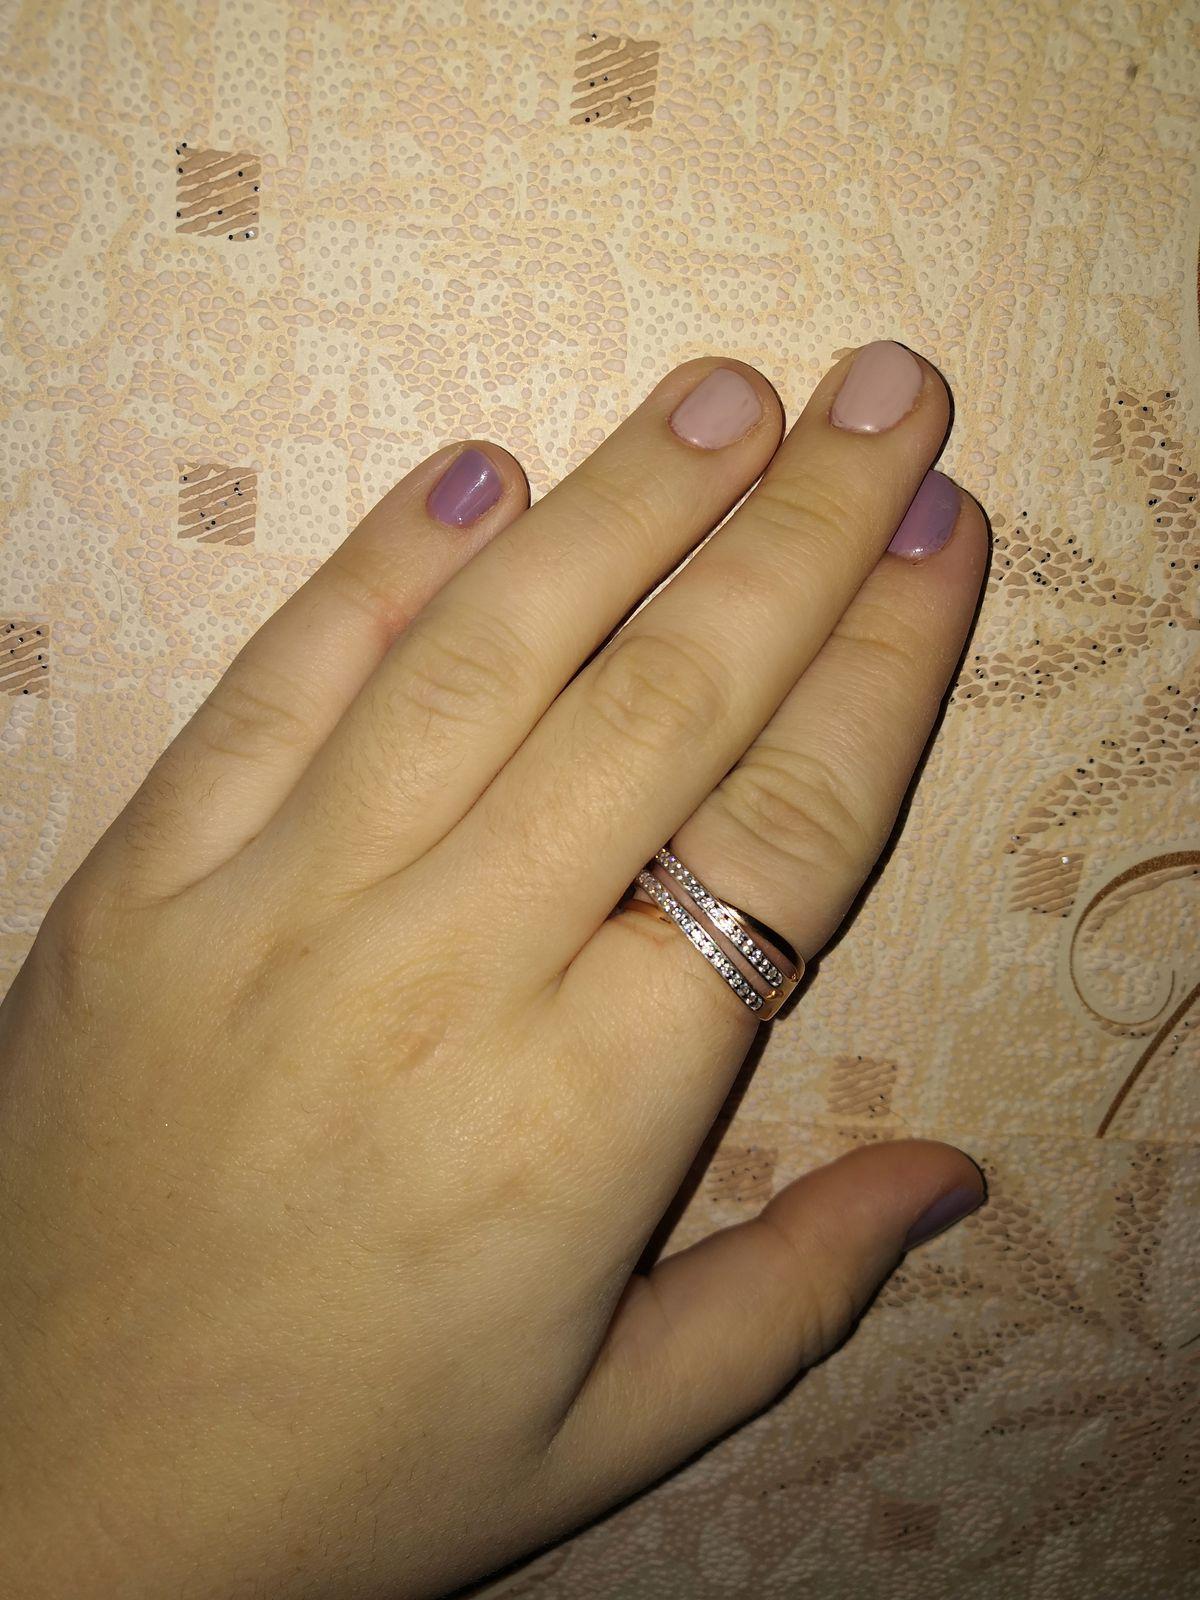 Колечко на указательный палец